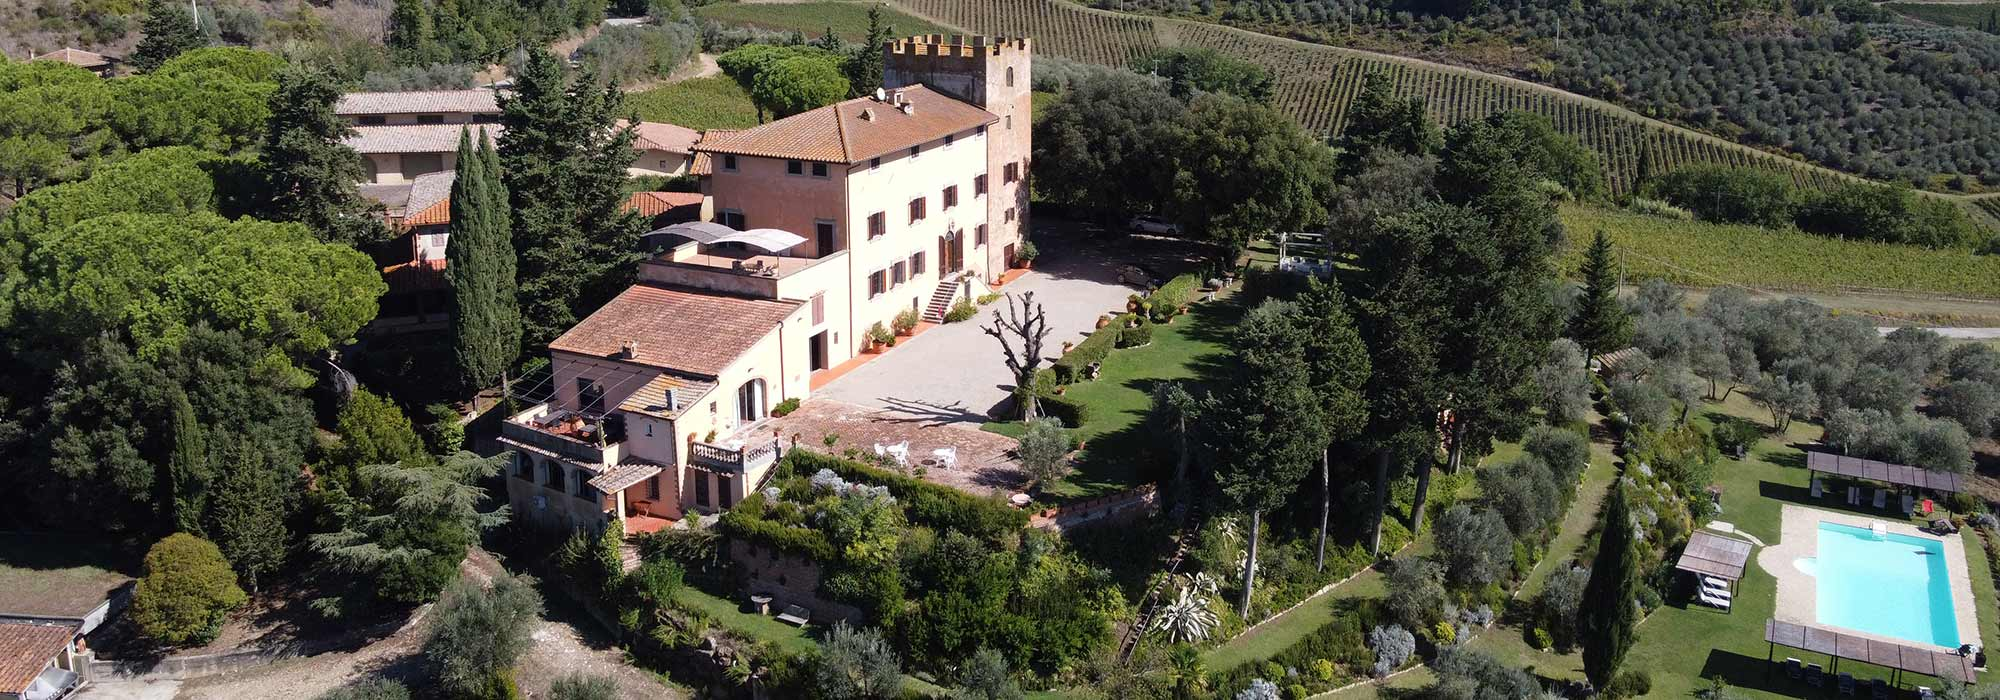 castello-in-toscana-villa-il-pozzo